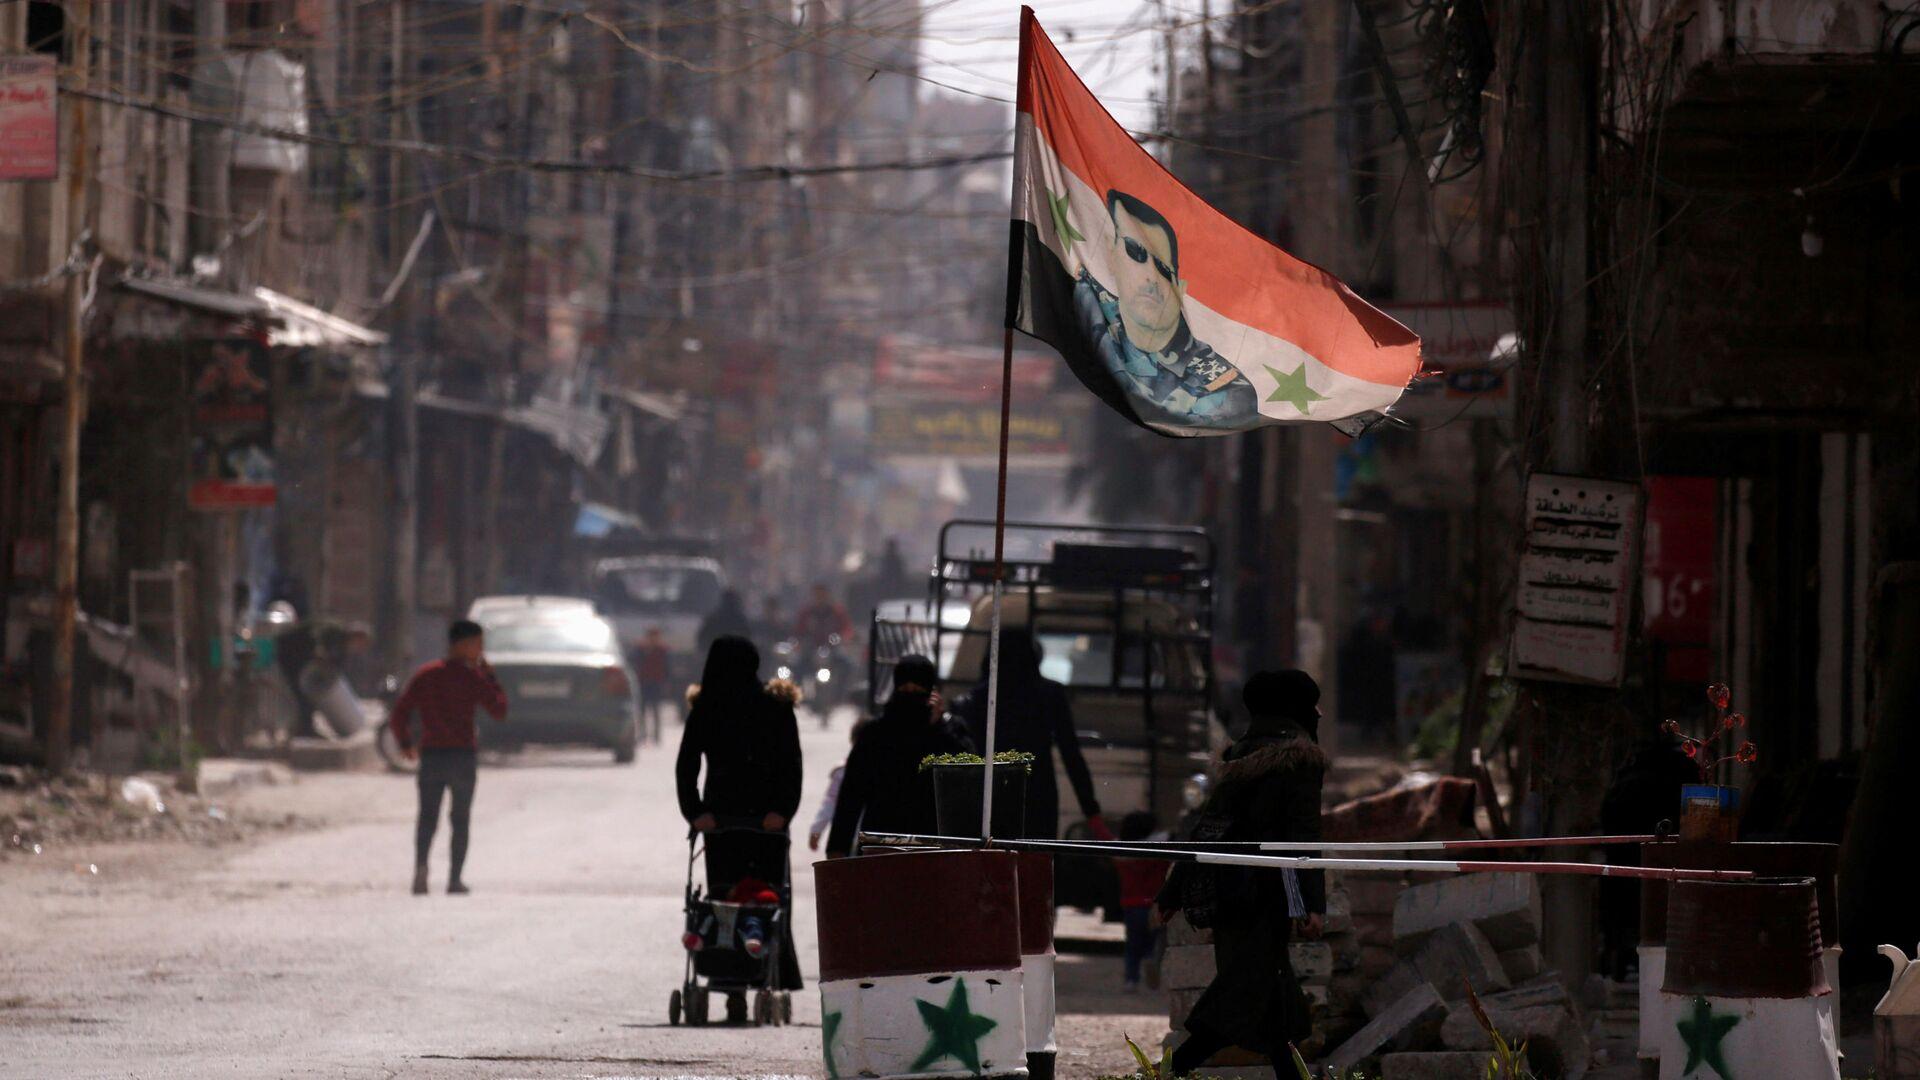 Flaga narodowa z wizerunkiem prezydenta Baszara al-Asada rozwiewa w punkcie kontrolnym w Dumie, na przedmieściach Damaszku, Syria - Sputnik Polska, 1920, 10.07.2021